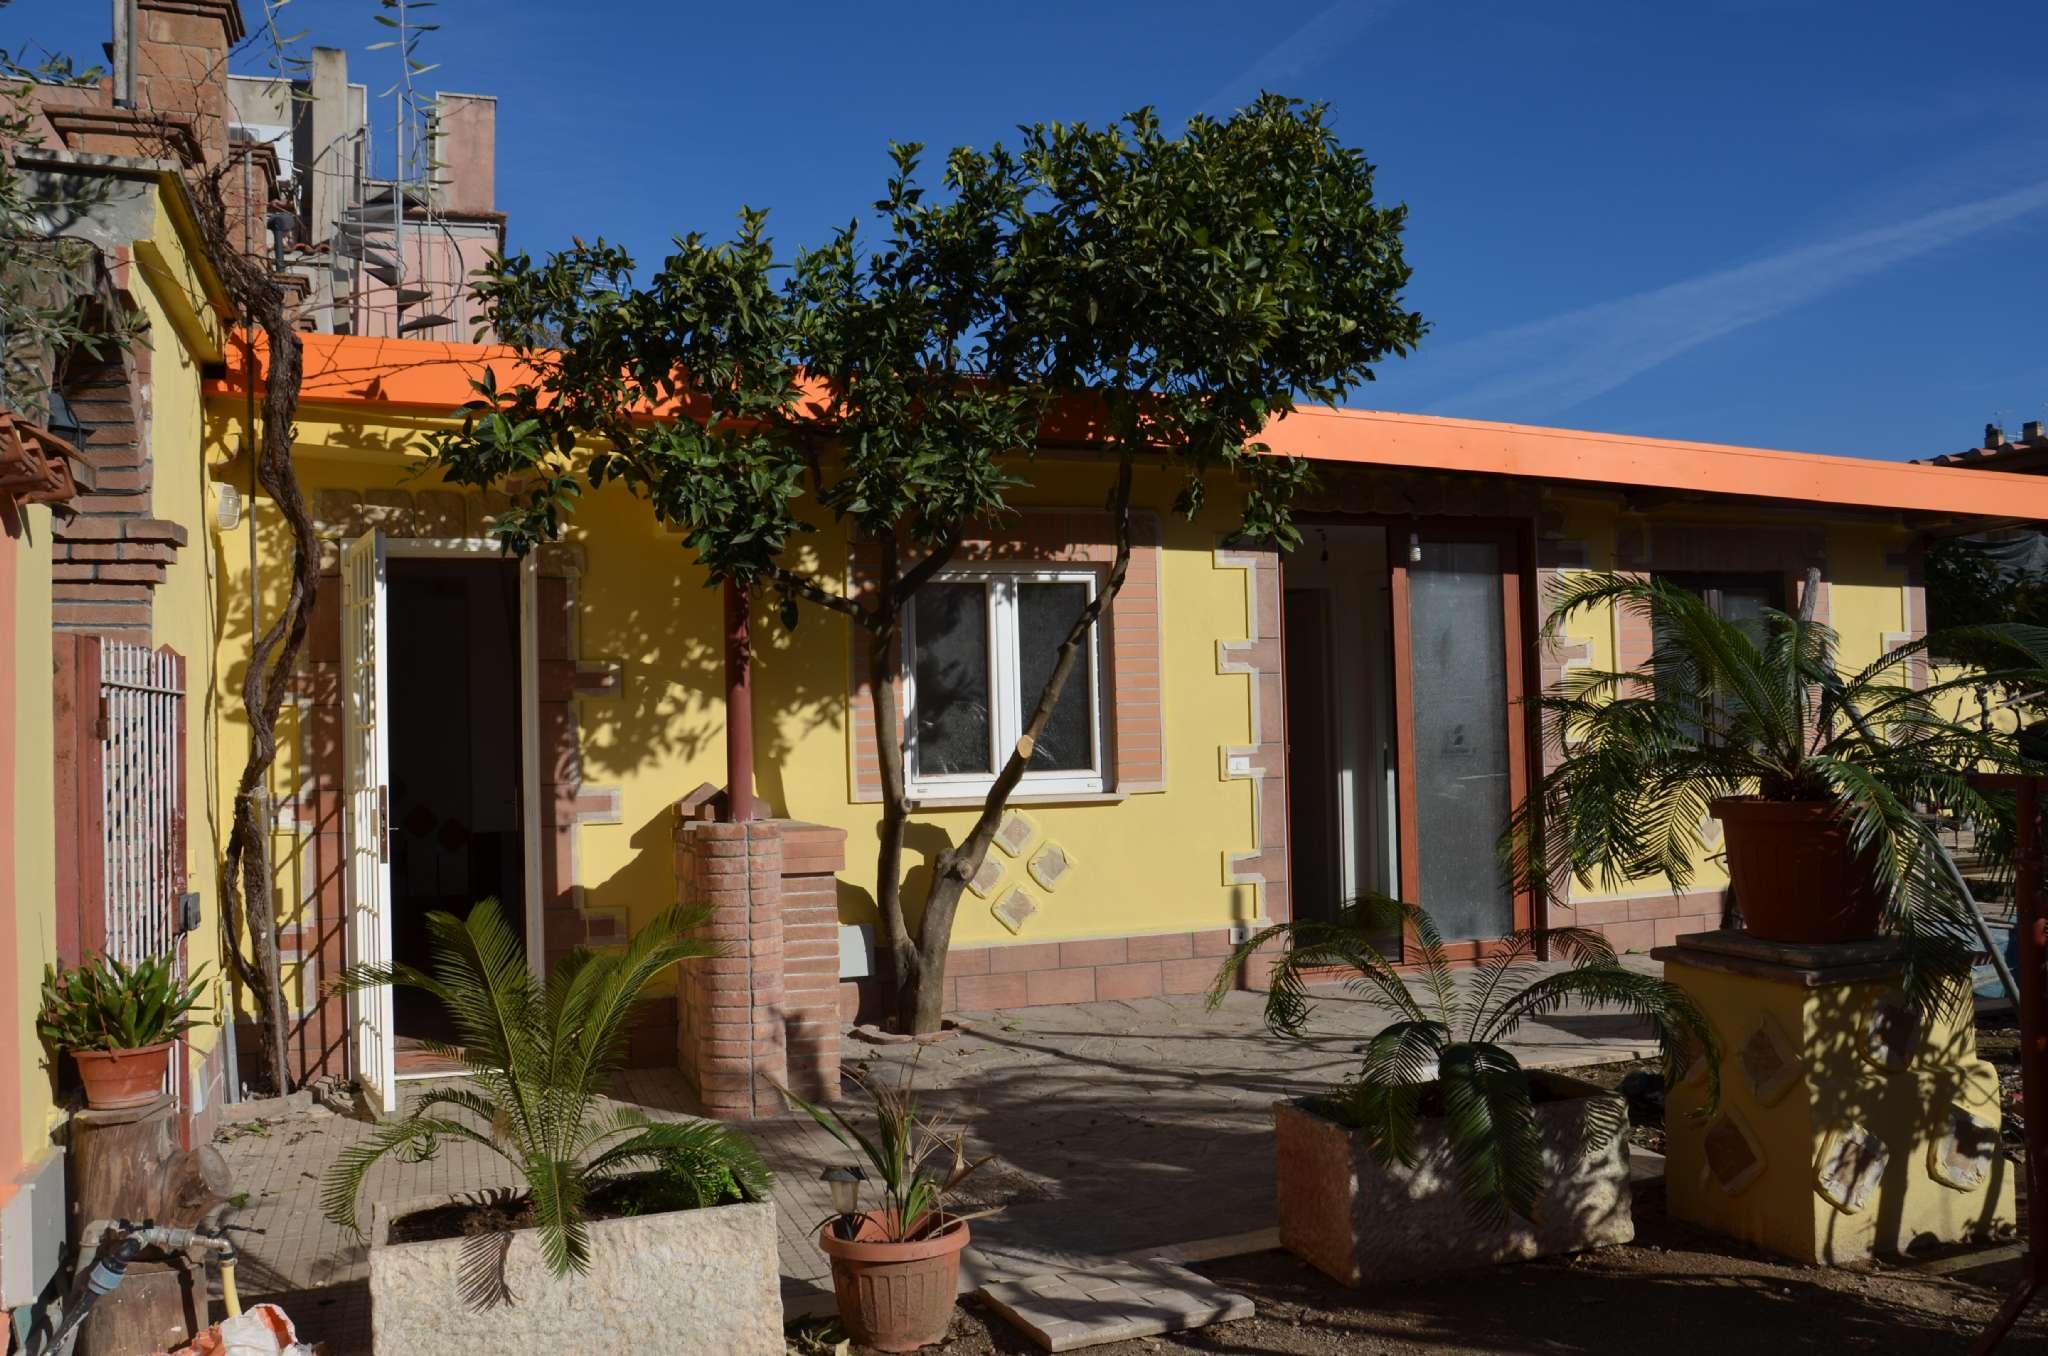 Bilocale affitto roma zona centro storico for Bilocale affitto